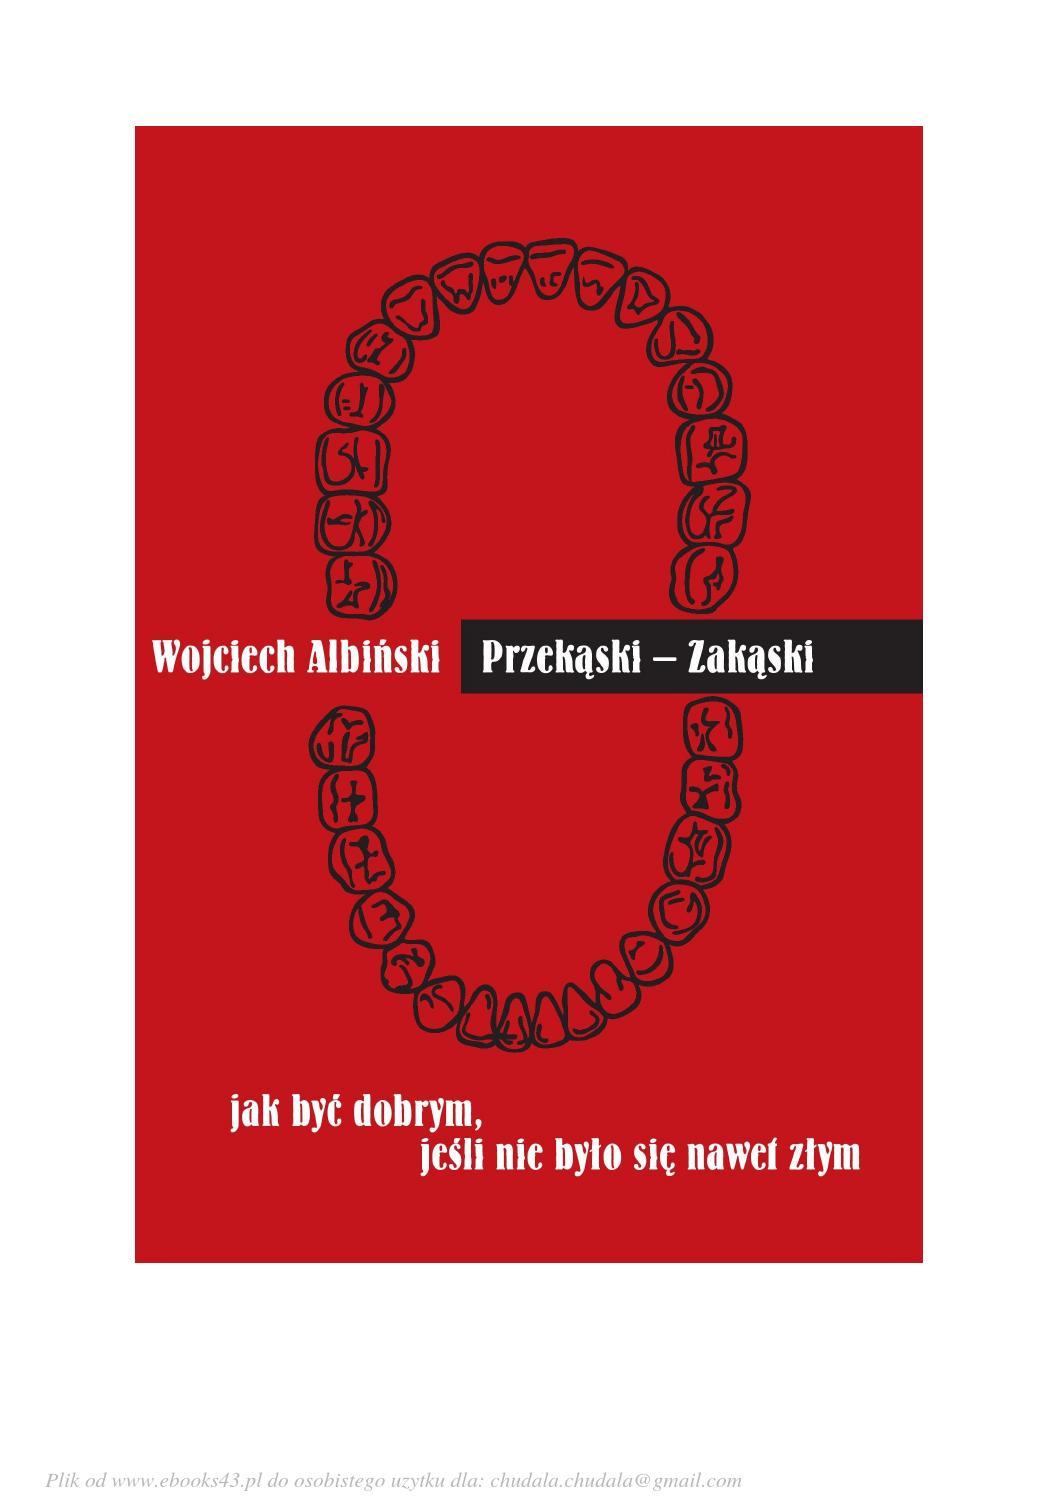 4a0b1ca44 Przekaski zakaski by Mariusz - issuu